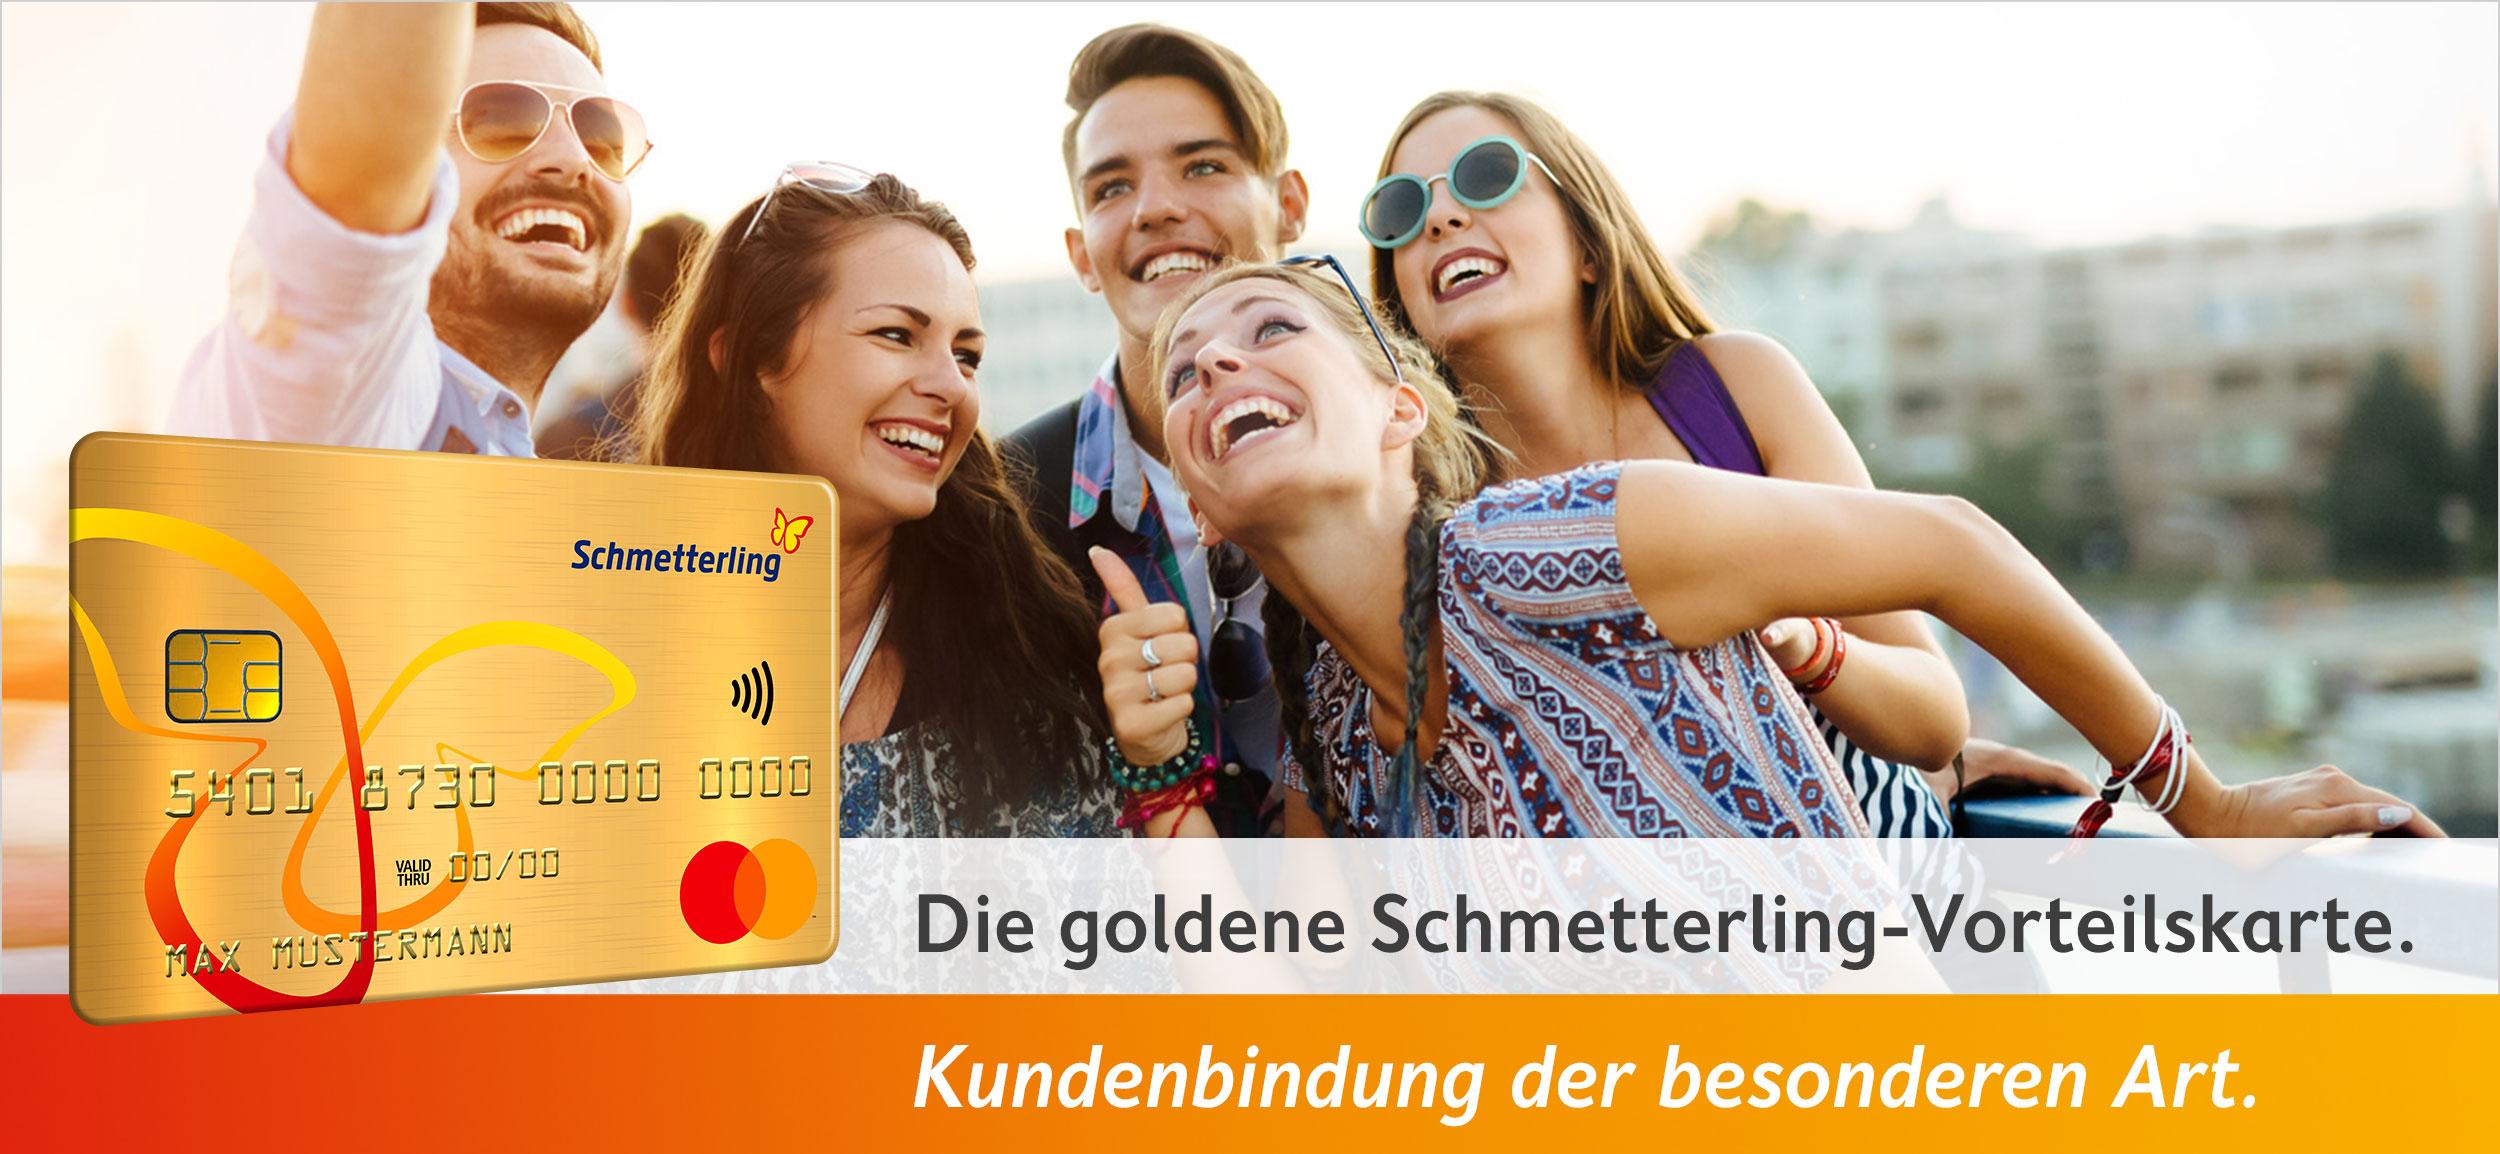 Vorteilsclub - Die goldene Schmetterling-Vorteilskarte im Vordergrund - Fröhliche Menschen machen ein Selfie im Hintergrund